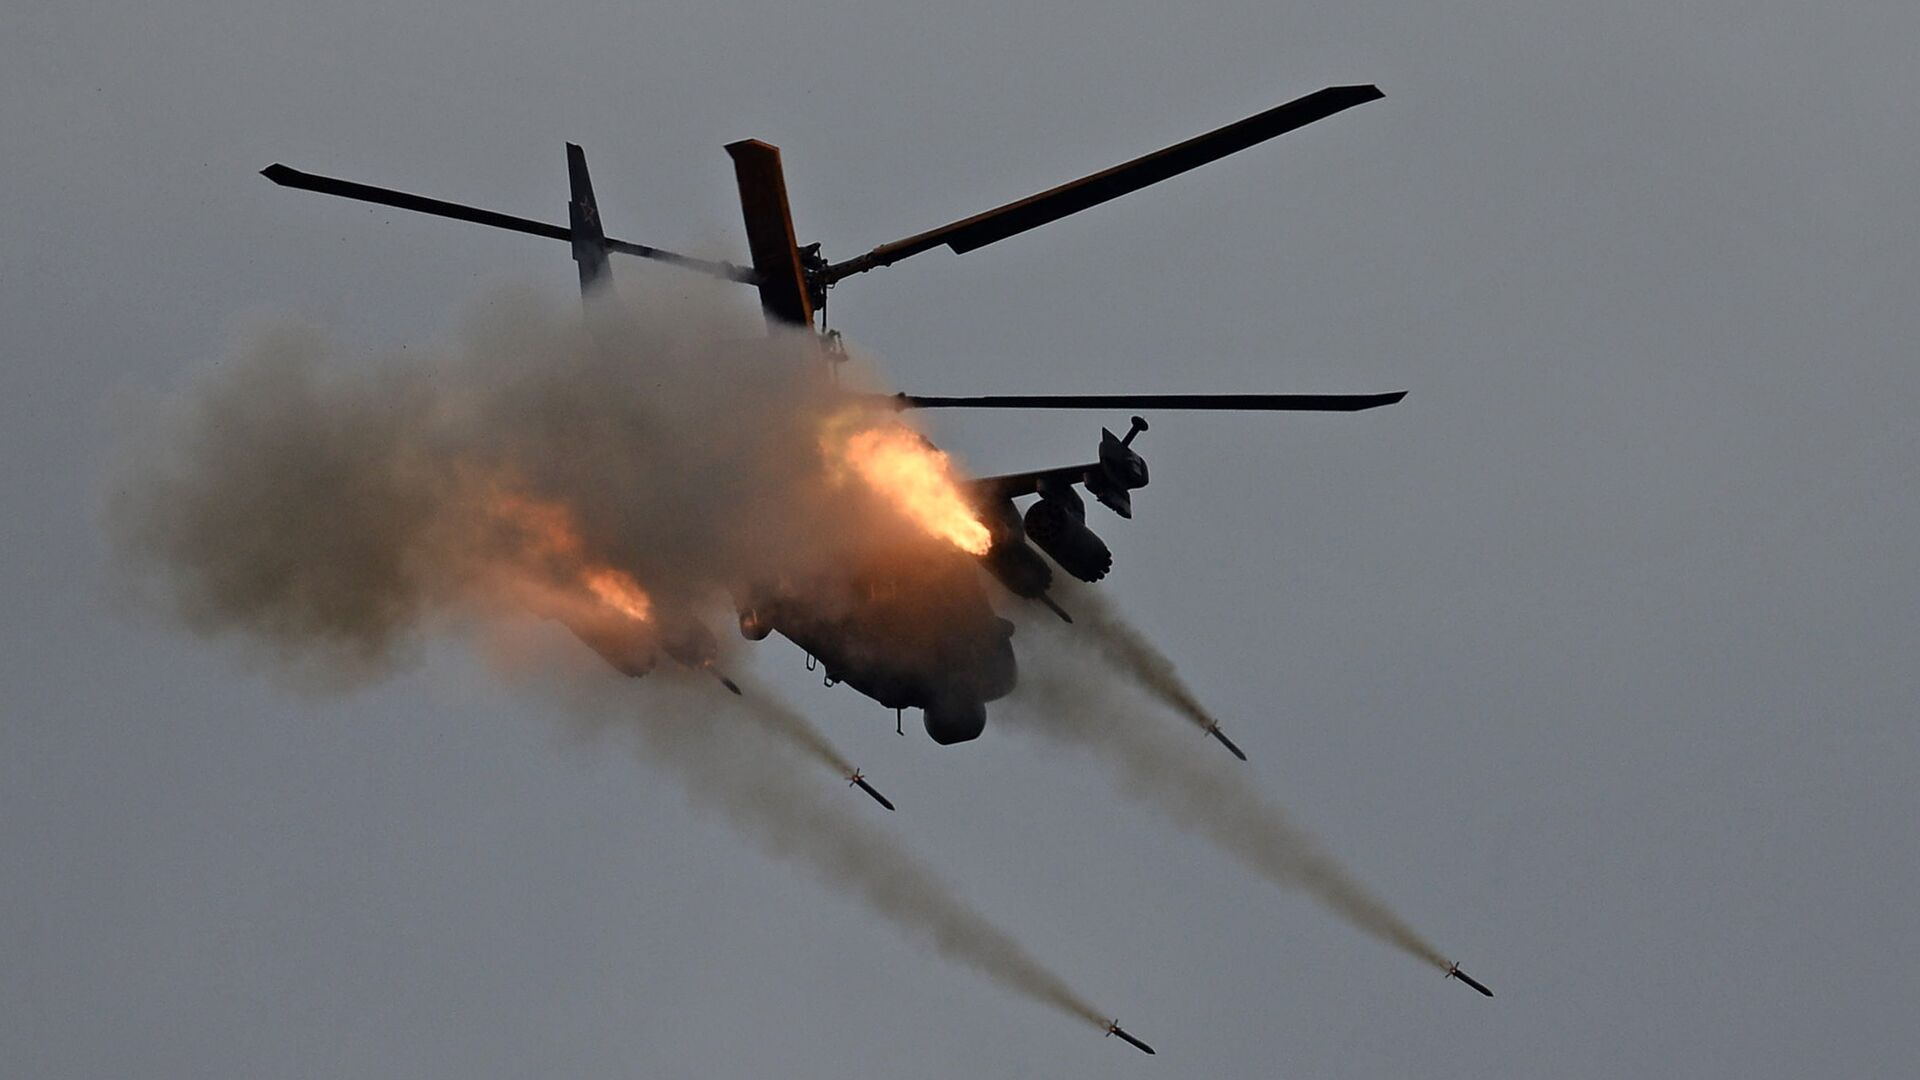 Вертолет Ка-52 Аллигатор во время показательных учений на полигоне Алабино на международном военно-техническом форуме Армия-2016 - РИА Новости, 1920, 12.06.2020